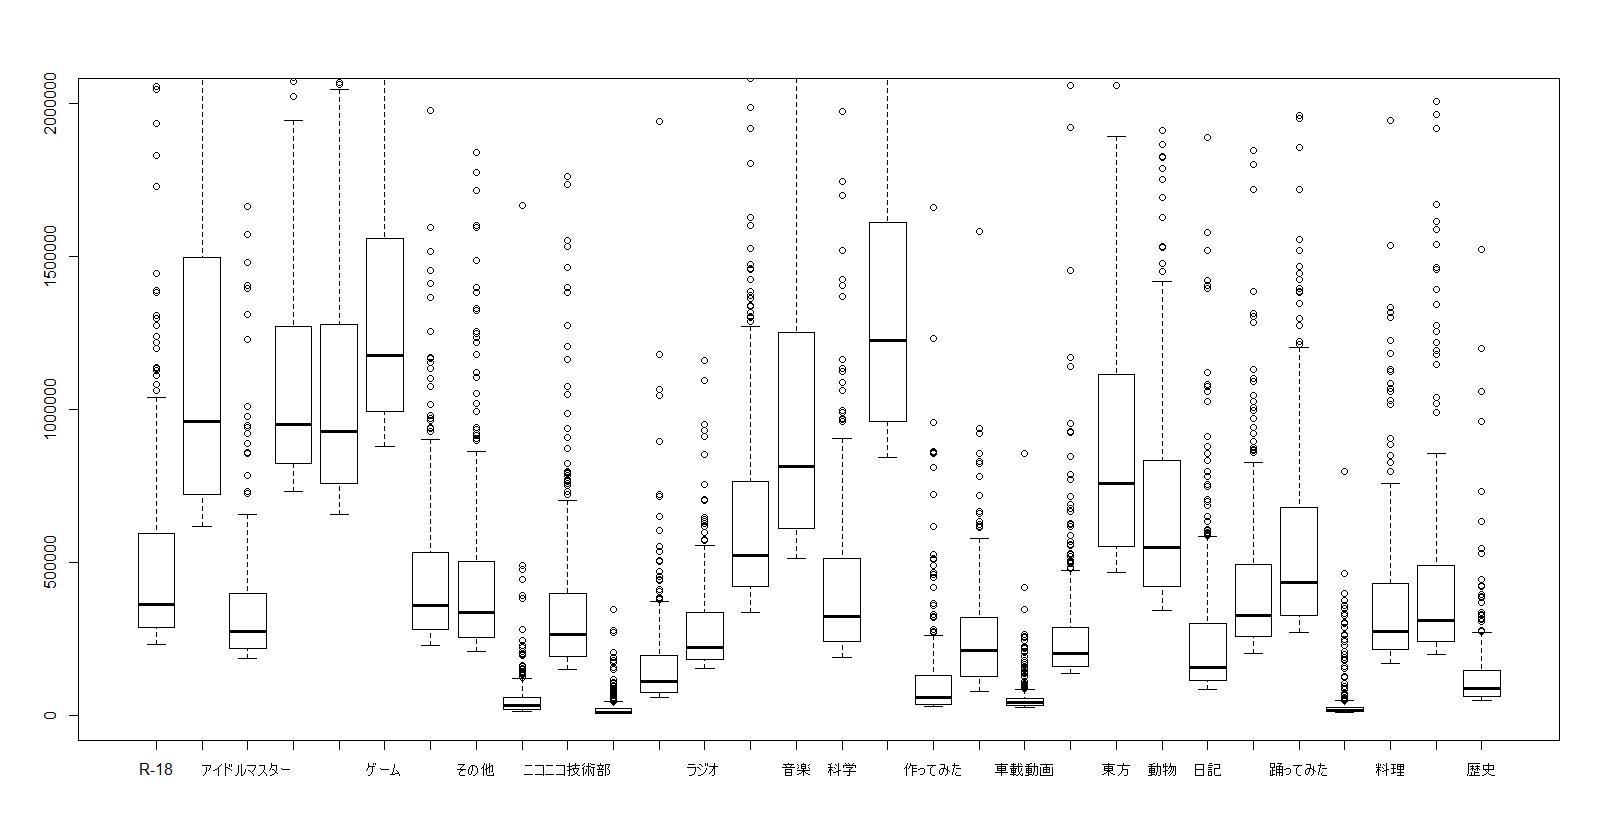 カテゴリーと再生数のボックスプロット